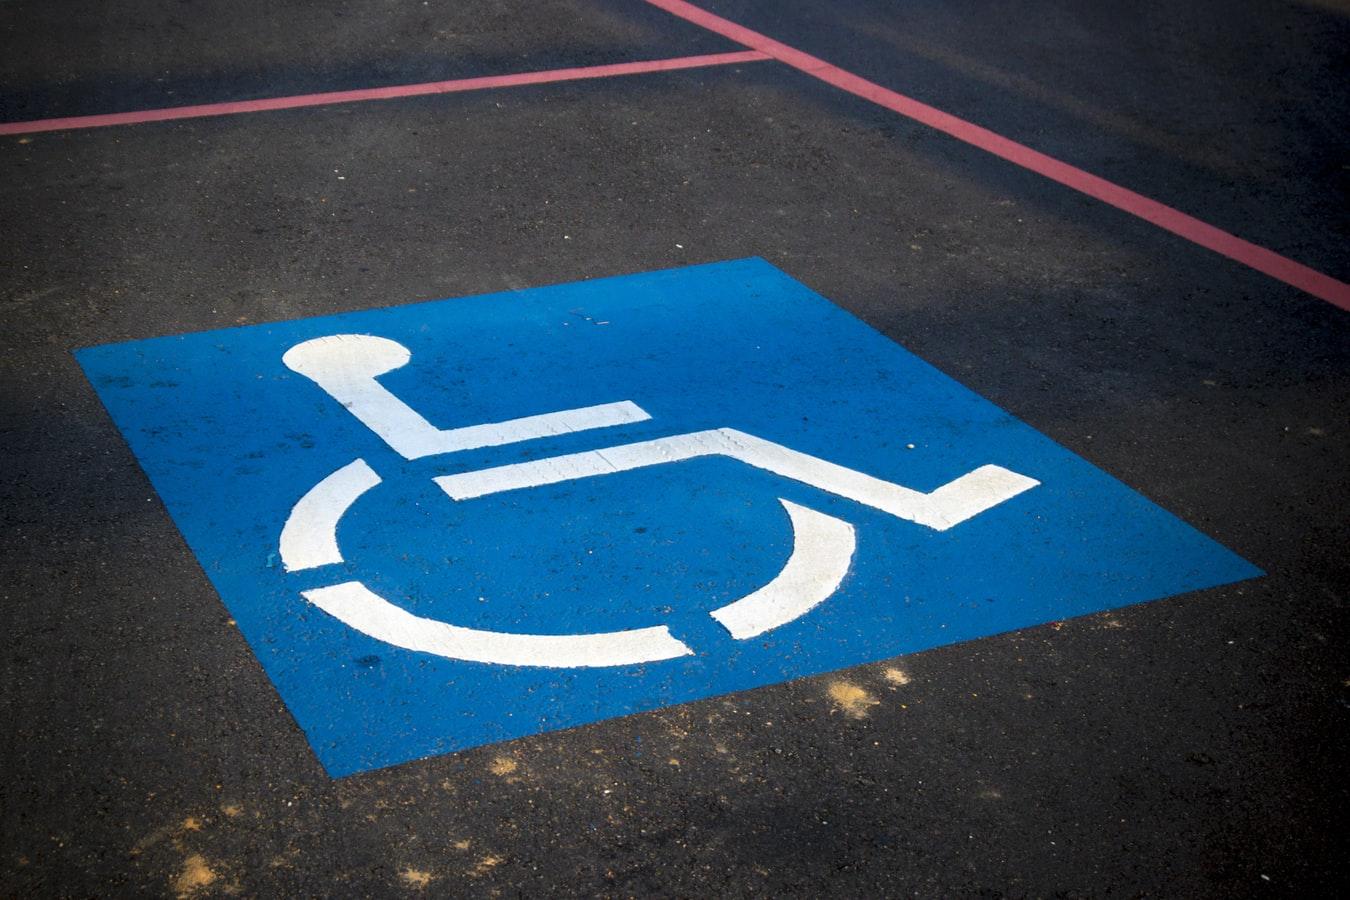 Behindertenparkplatz, Photo by AbsolutVision on Unsplash